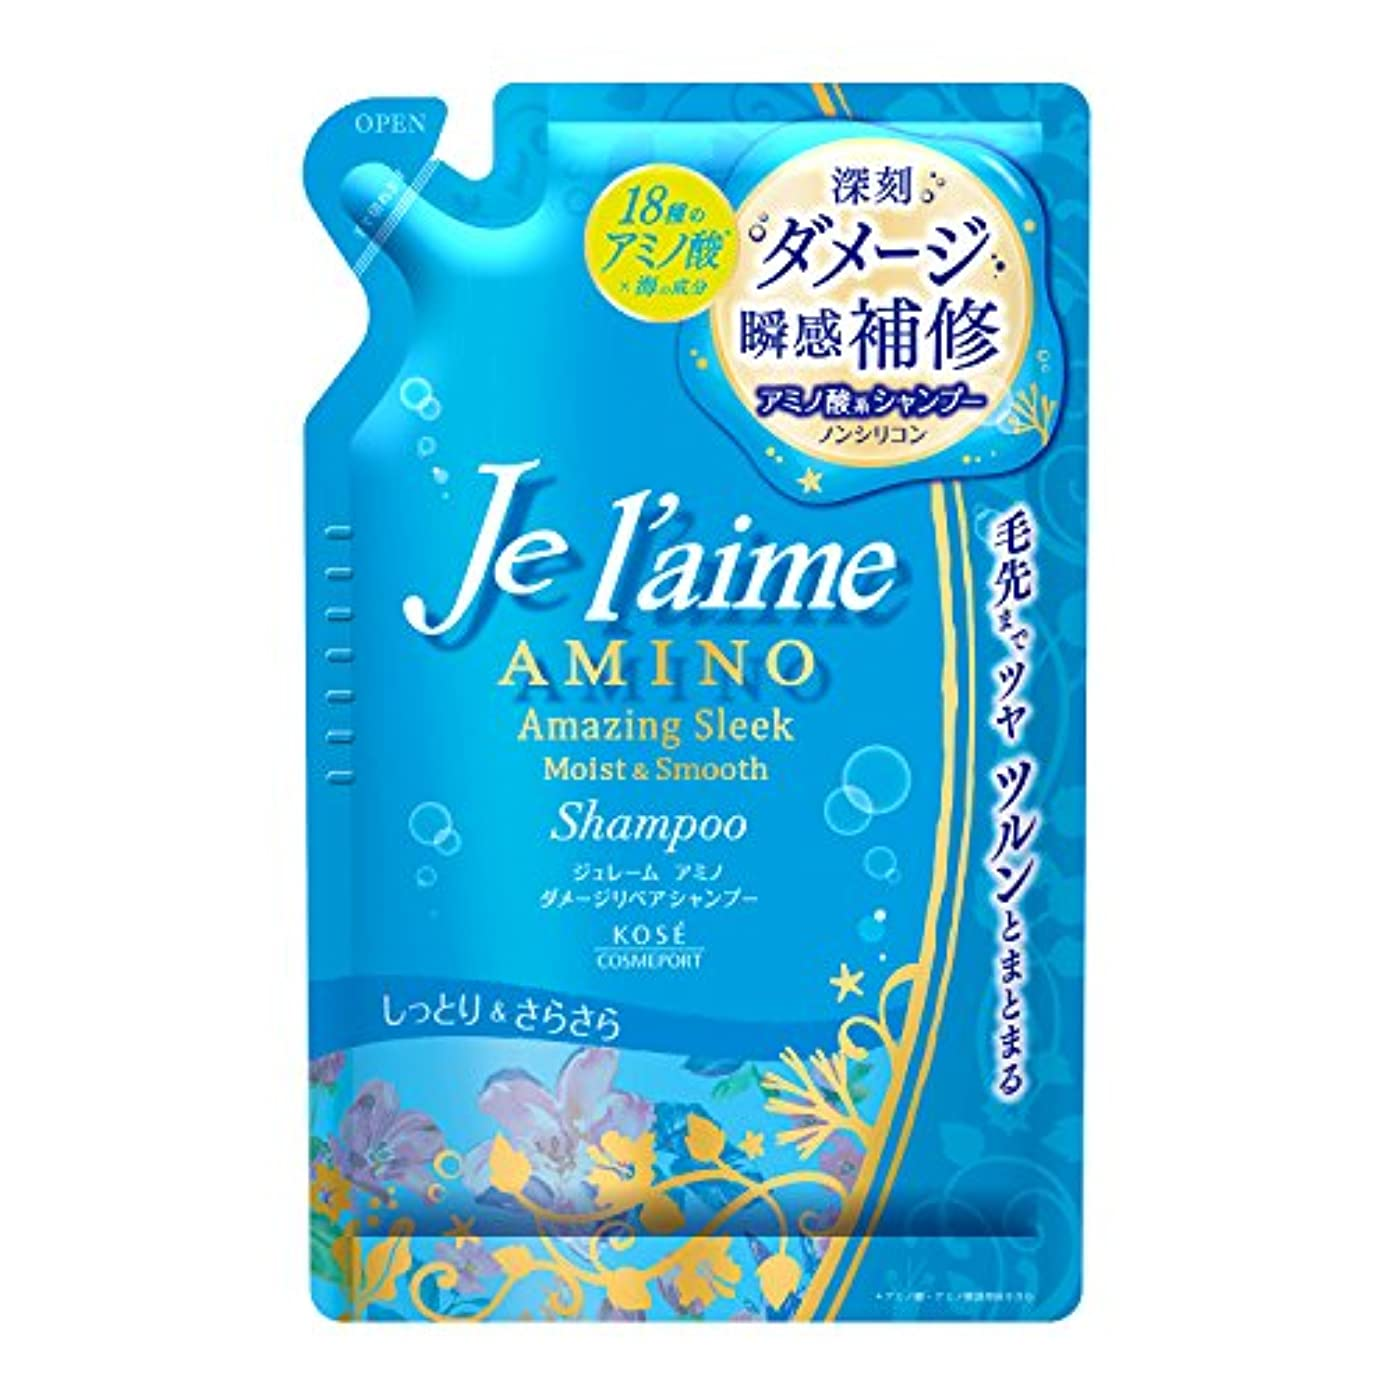 霧深い残酷な独立してKOSE コーセー ジュレーム アミノ ダメージ リペア シャンプー ノンシリコン アミノ酸 配合 (モイスト & スムース) つめかえ 400ml